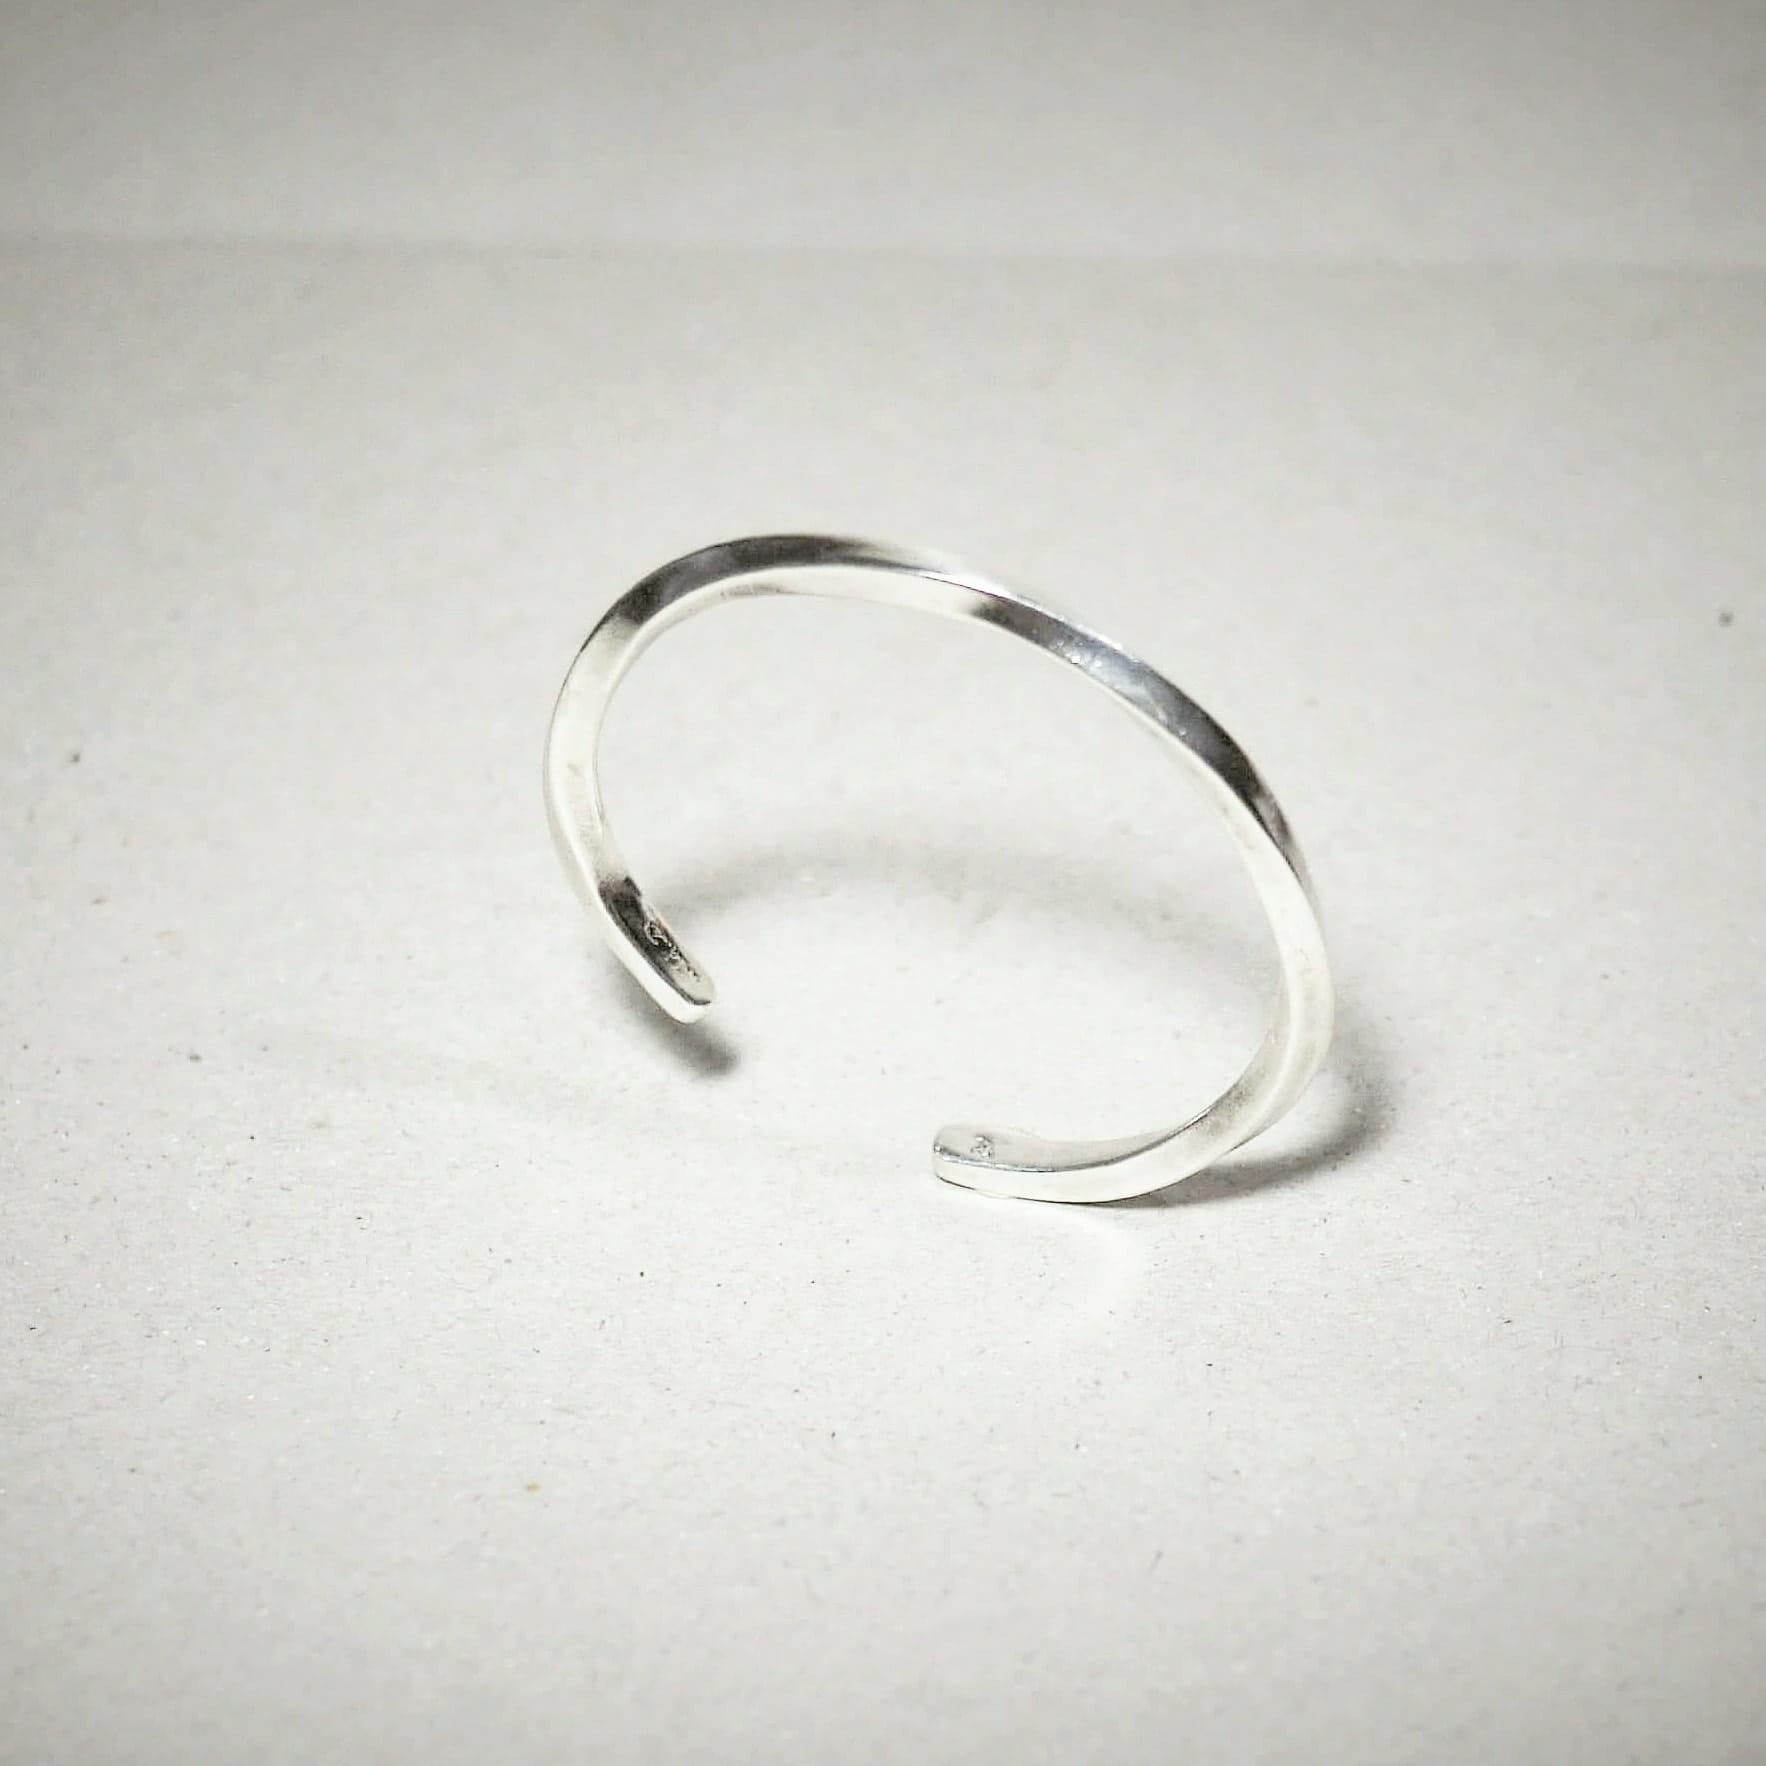 簡約扭轉 925銀手環  Concise_ twist silver cuff Bracelet